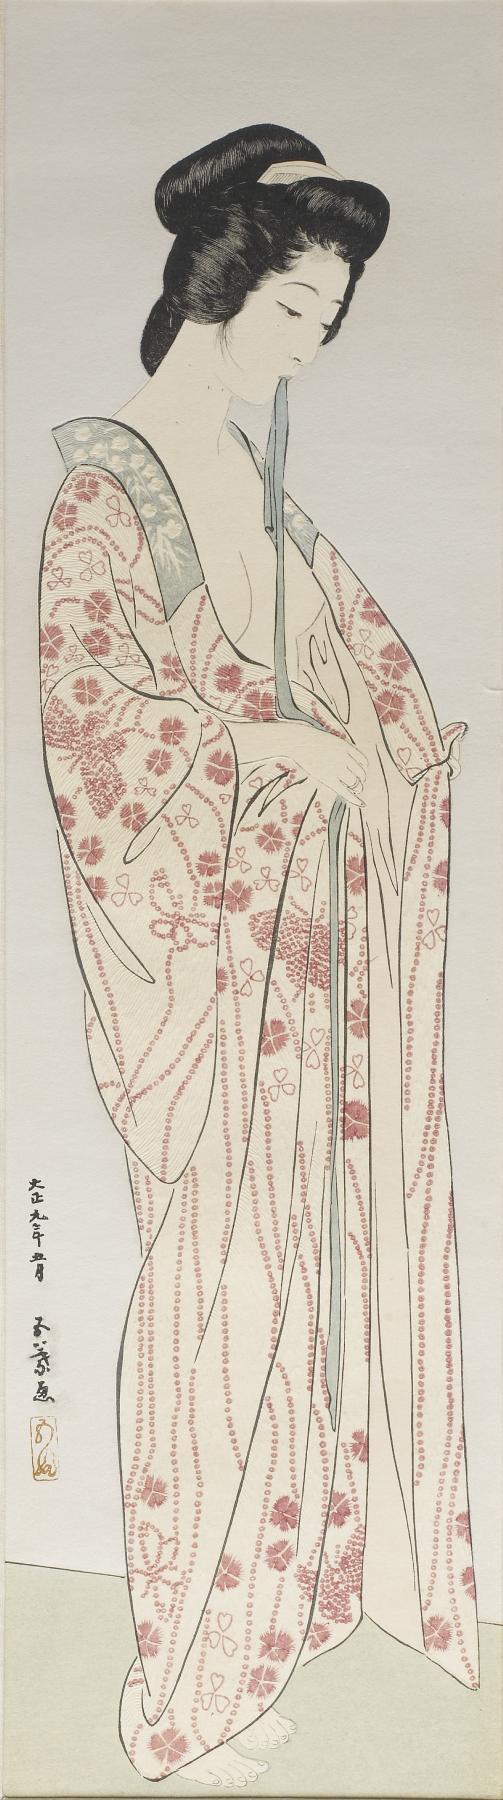 長襦袢の女 (Woman Dressing in a Long Undergarment)